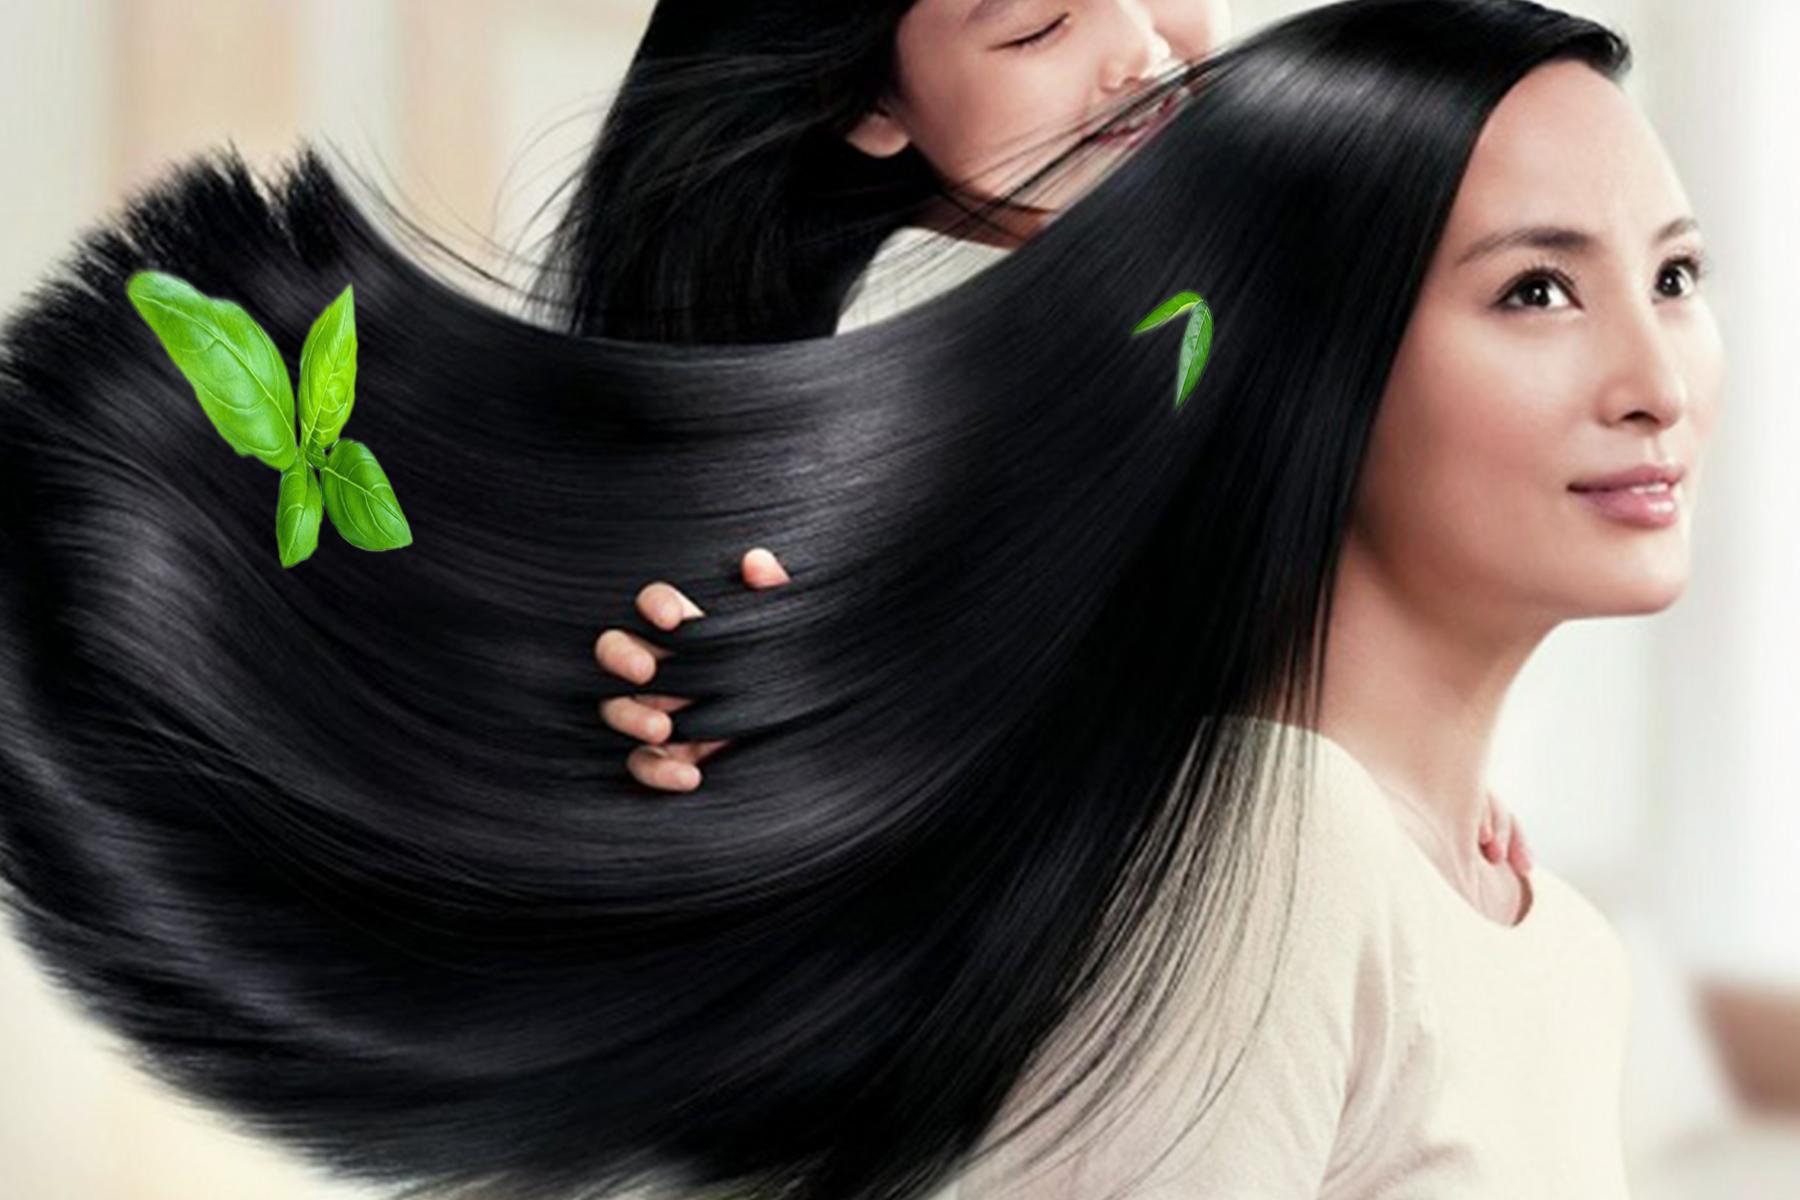 Dưỡng tóc bằng tinh dầu bưởi nguyên chất giúp tóc mượt hơn